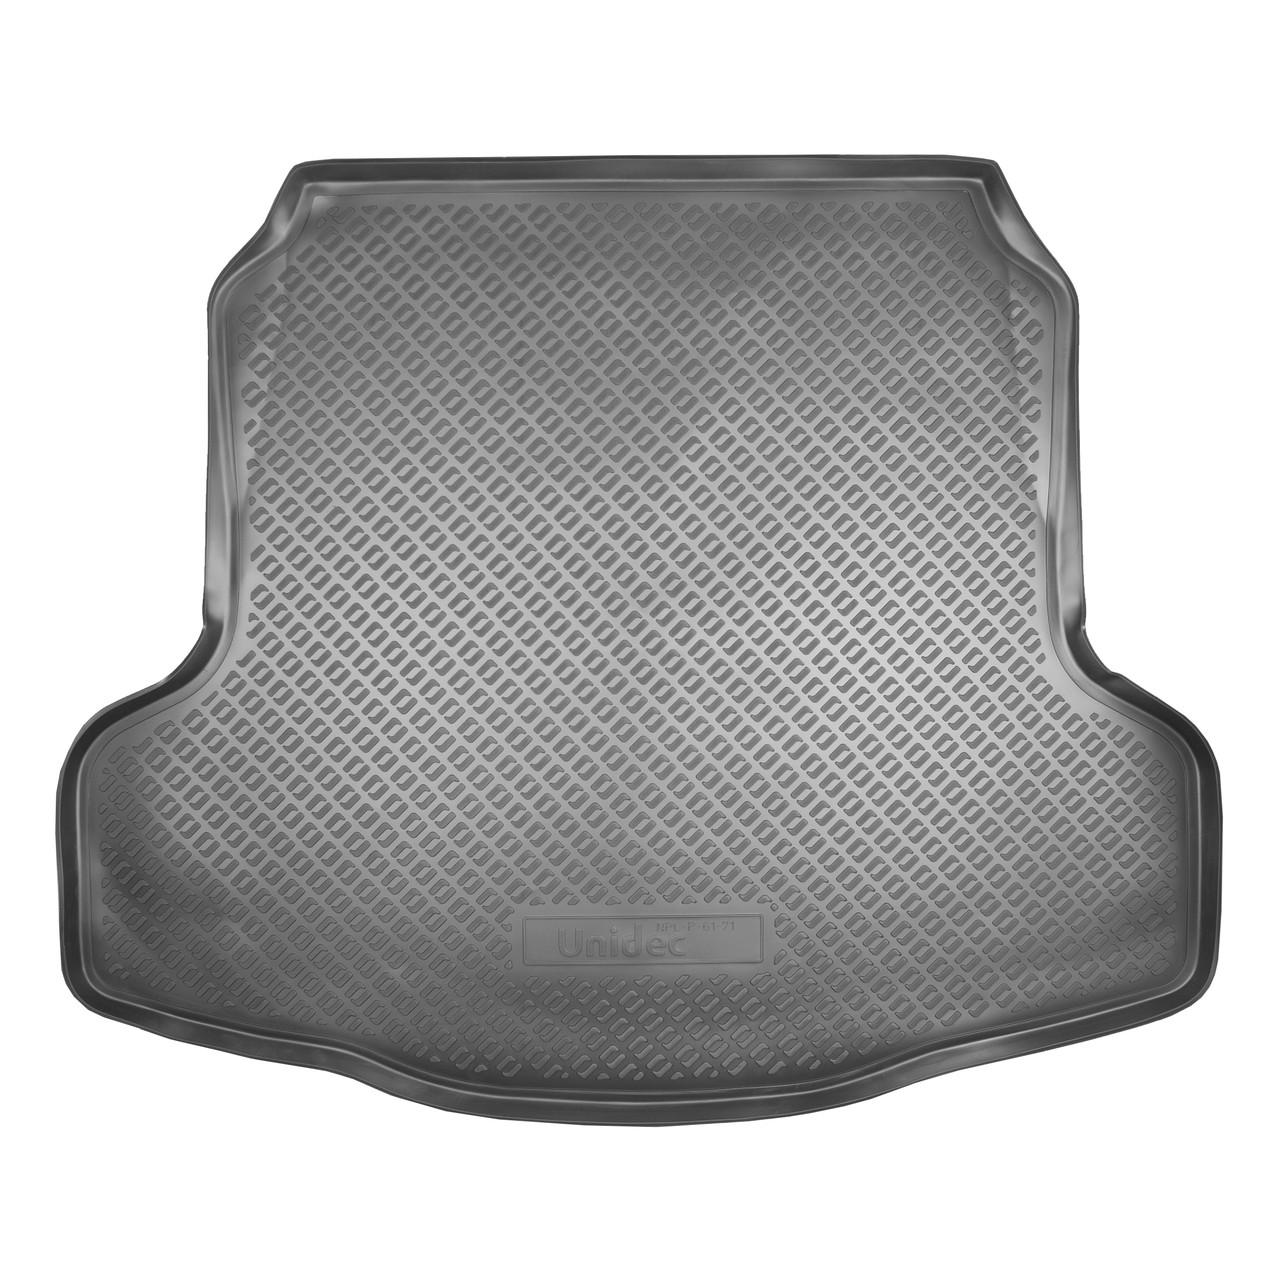 Коврик в багажник Nissan Teana SD (2008-2014)